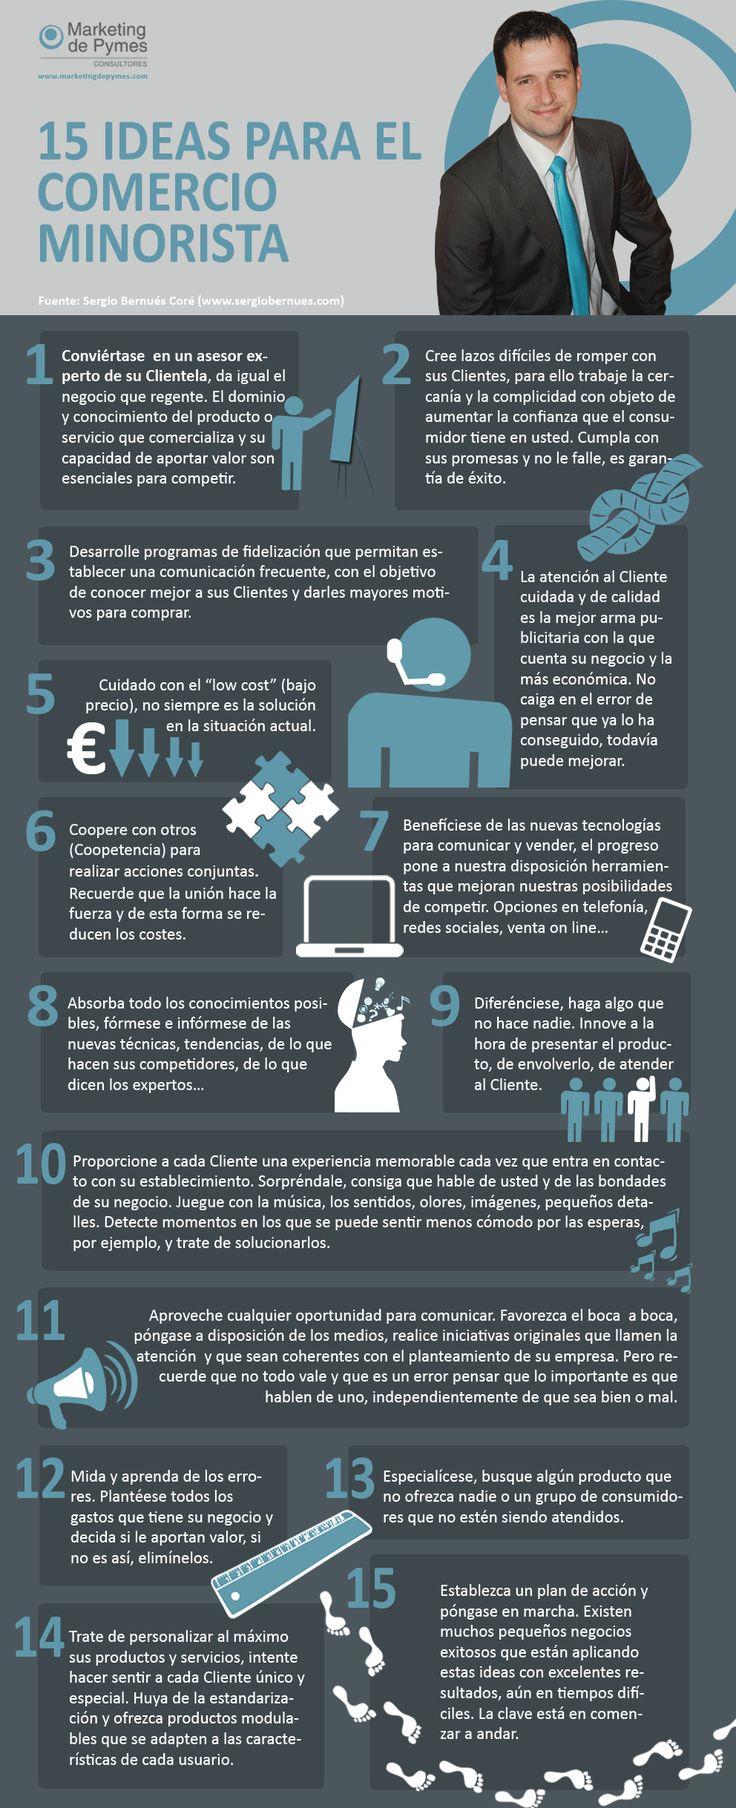 15 ideas para el comercio minorista vía marketingdepymes.com.